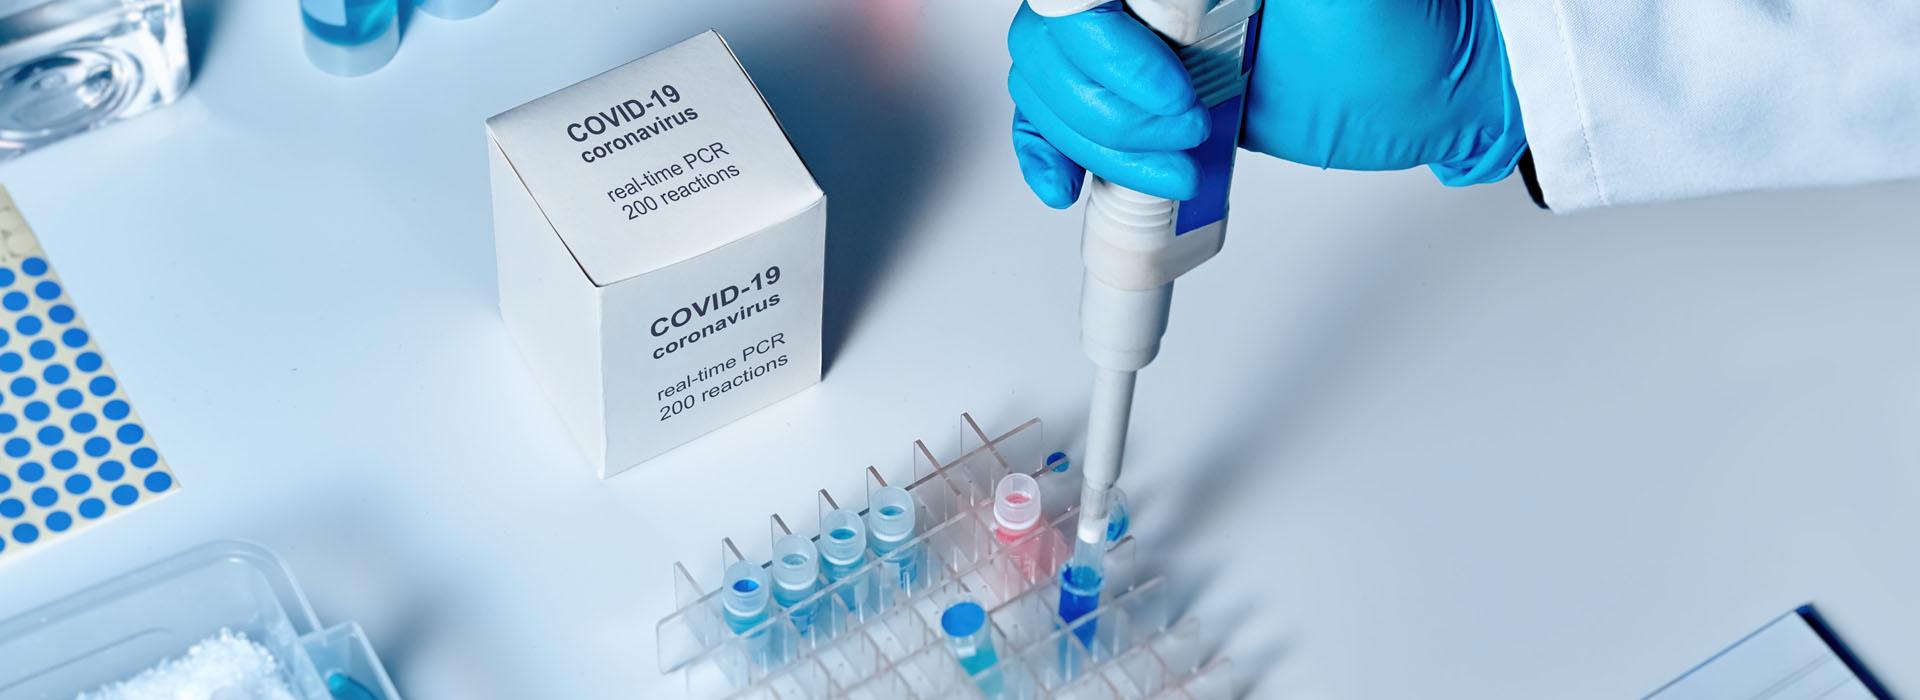 Coronavirus: Pudahuel y Cerro Navia entre las cuatro comunas más complicadas de la Región Metropolitana